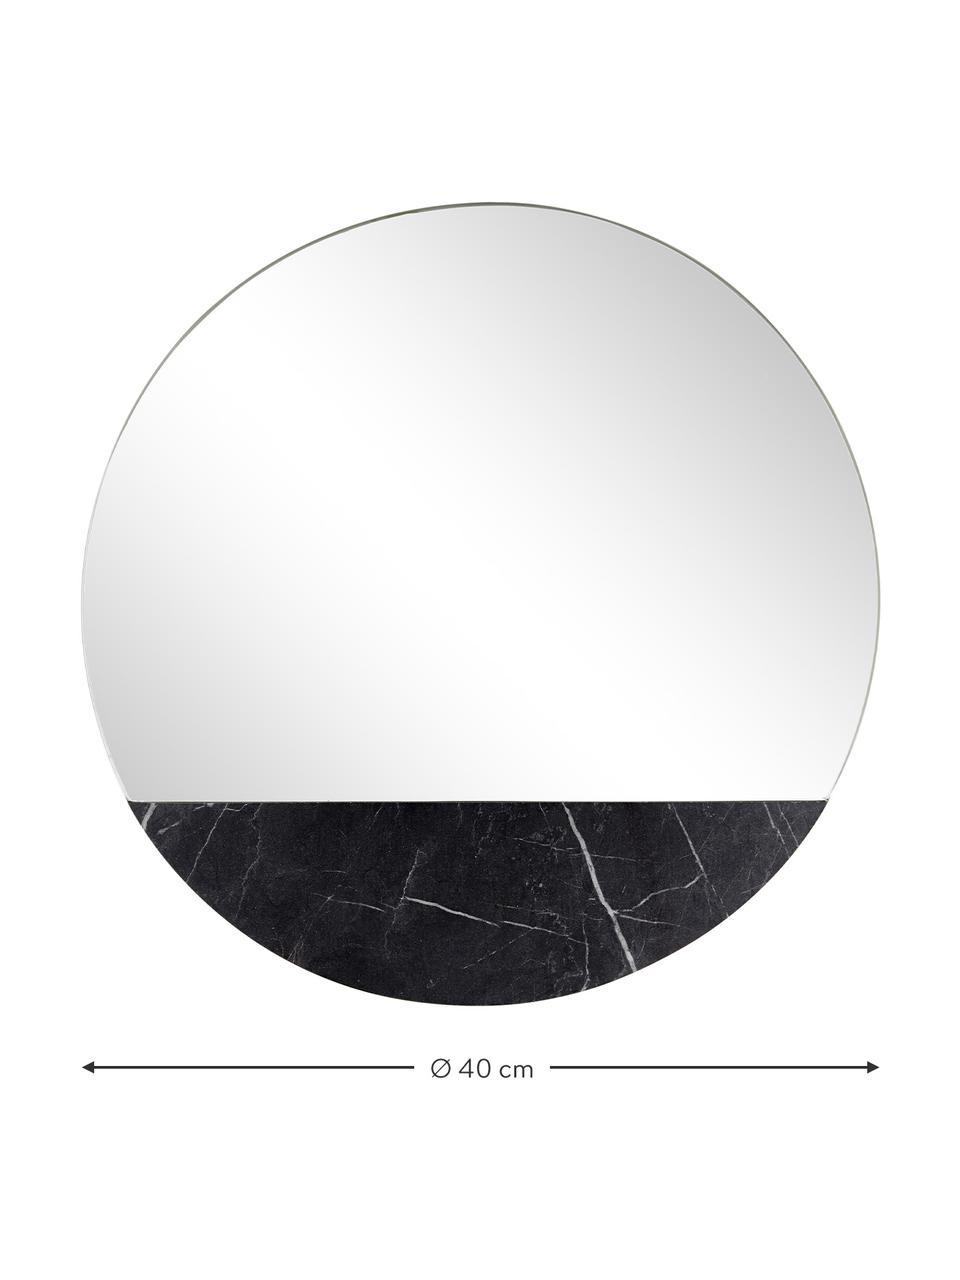 Runder Wandspiegel Stockholm in Marmoroptik, Rückseite: Mitteldichte Holzfaserpla, Spiegelfläche: Spiegelglas, Schwarz marmoriert, Ø 60 x T 1 cm